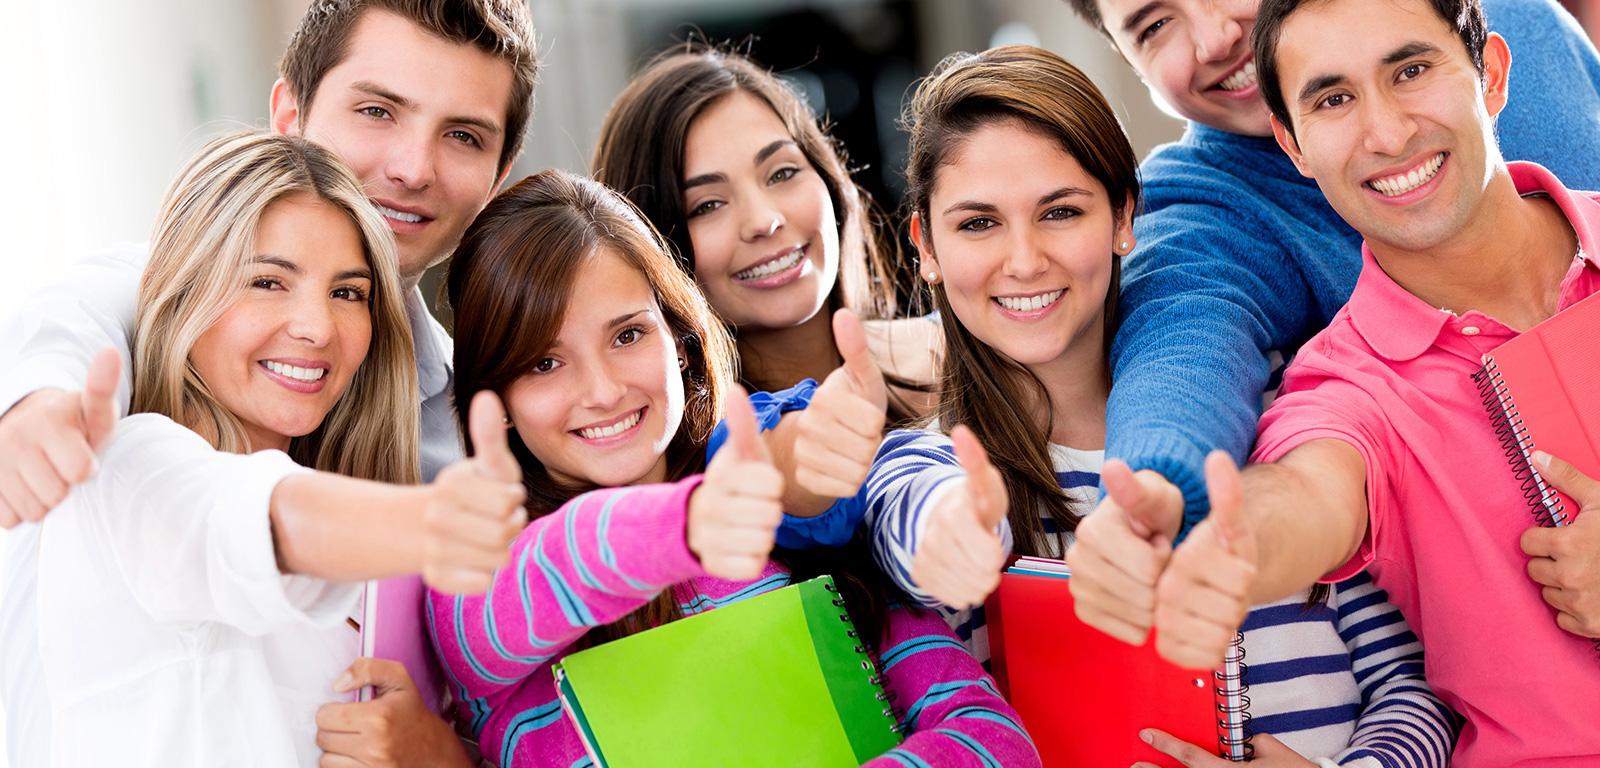 Dosegajte komunikacijsko odličnost in maksimizirajte vaše prodajne priložnosti s pomočjo individualizirane komunikacije.